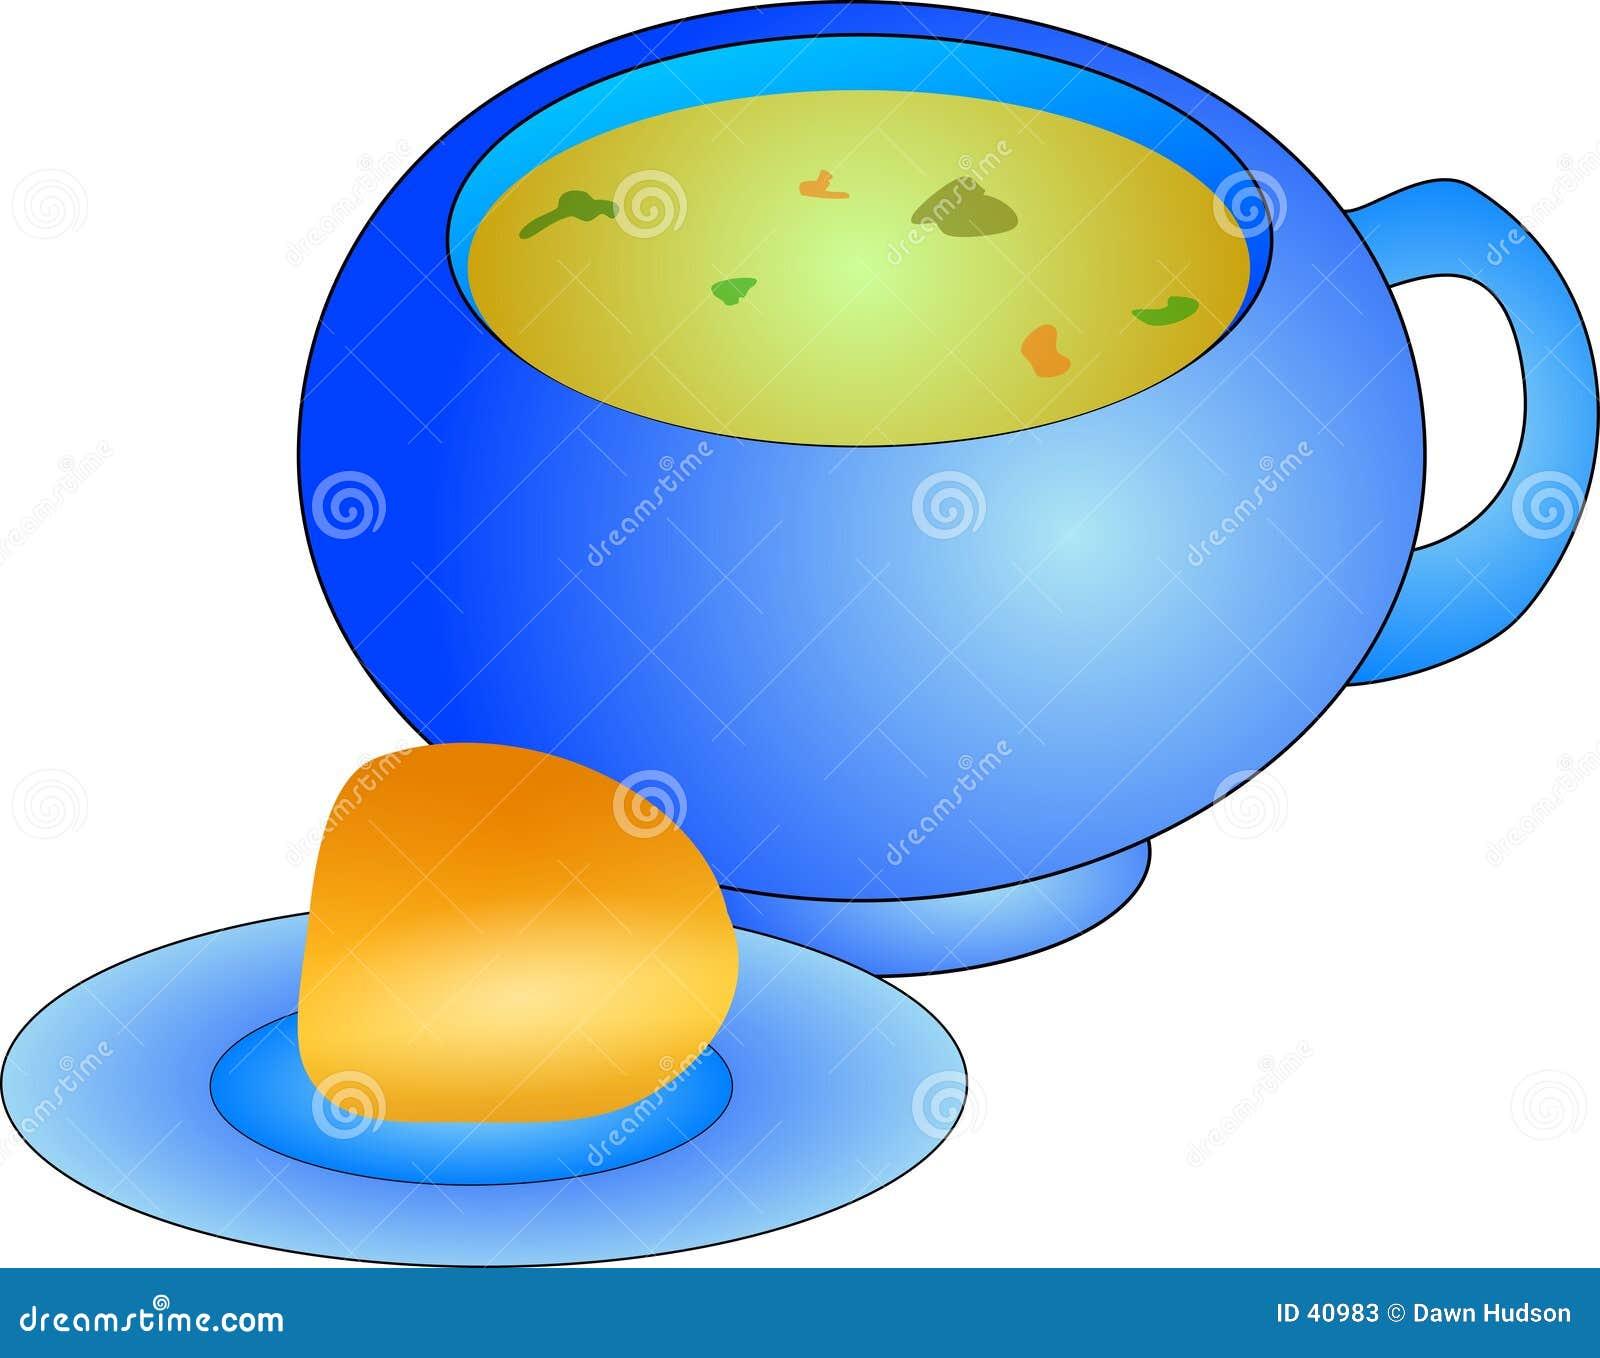 Download Suppe und Rolle stock abbildung. Illustration von diät, mittagessen - 40983